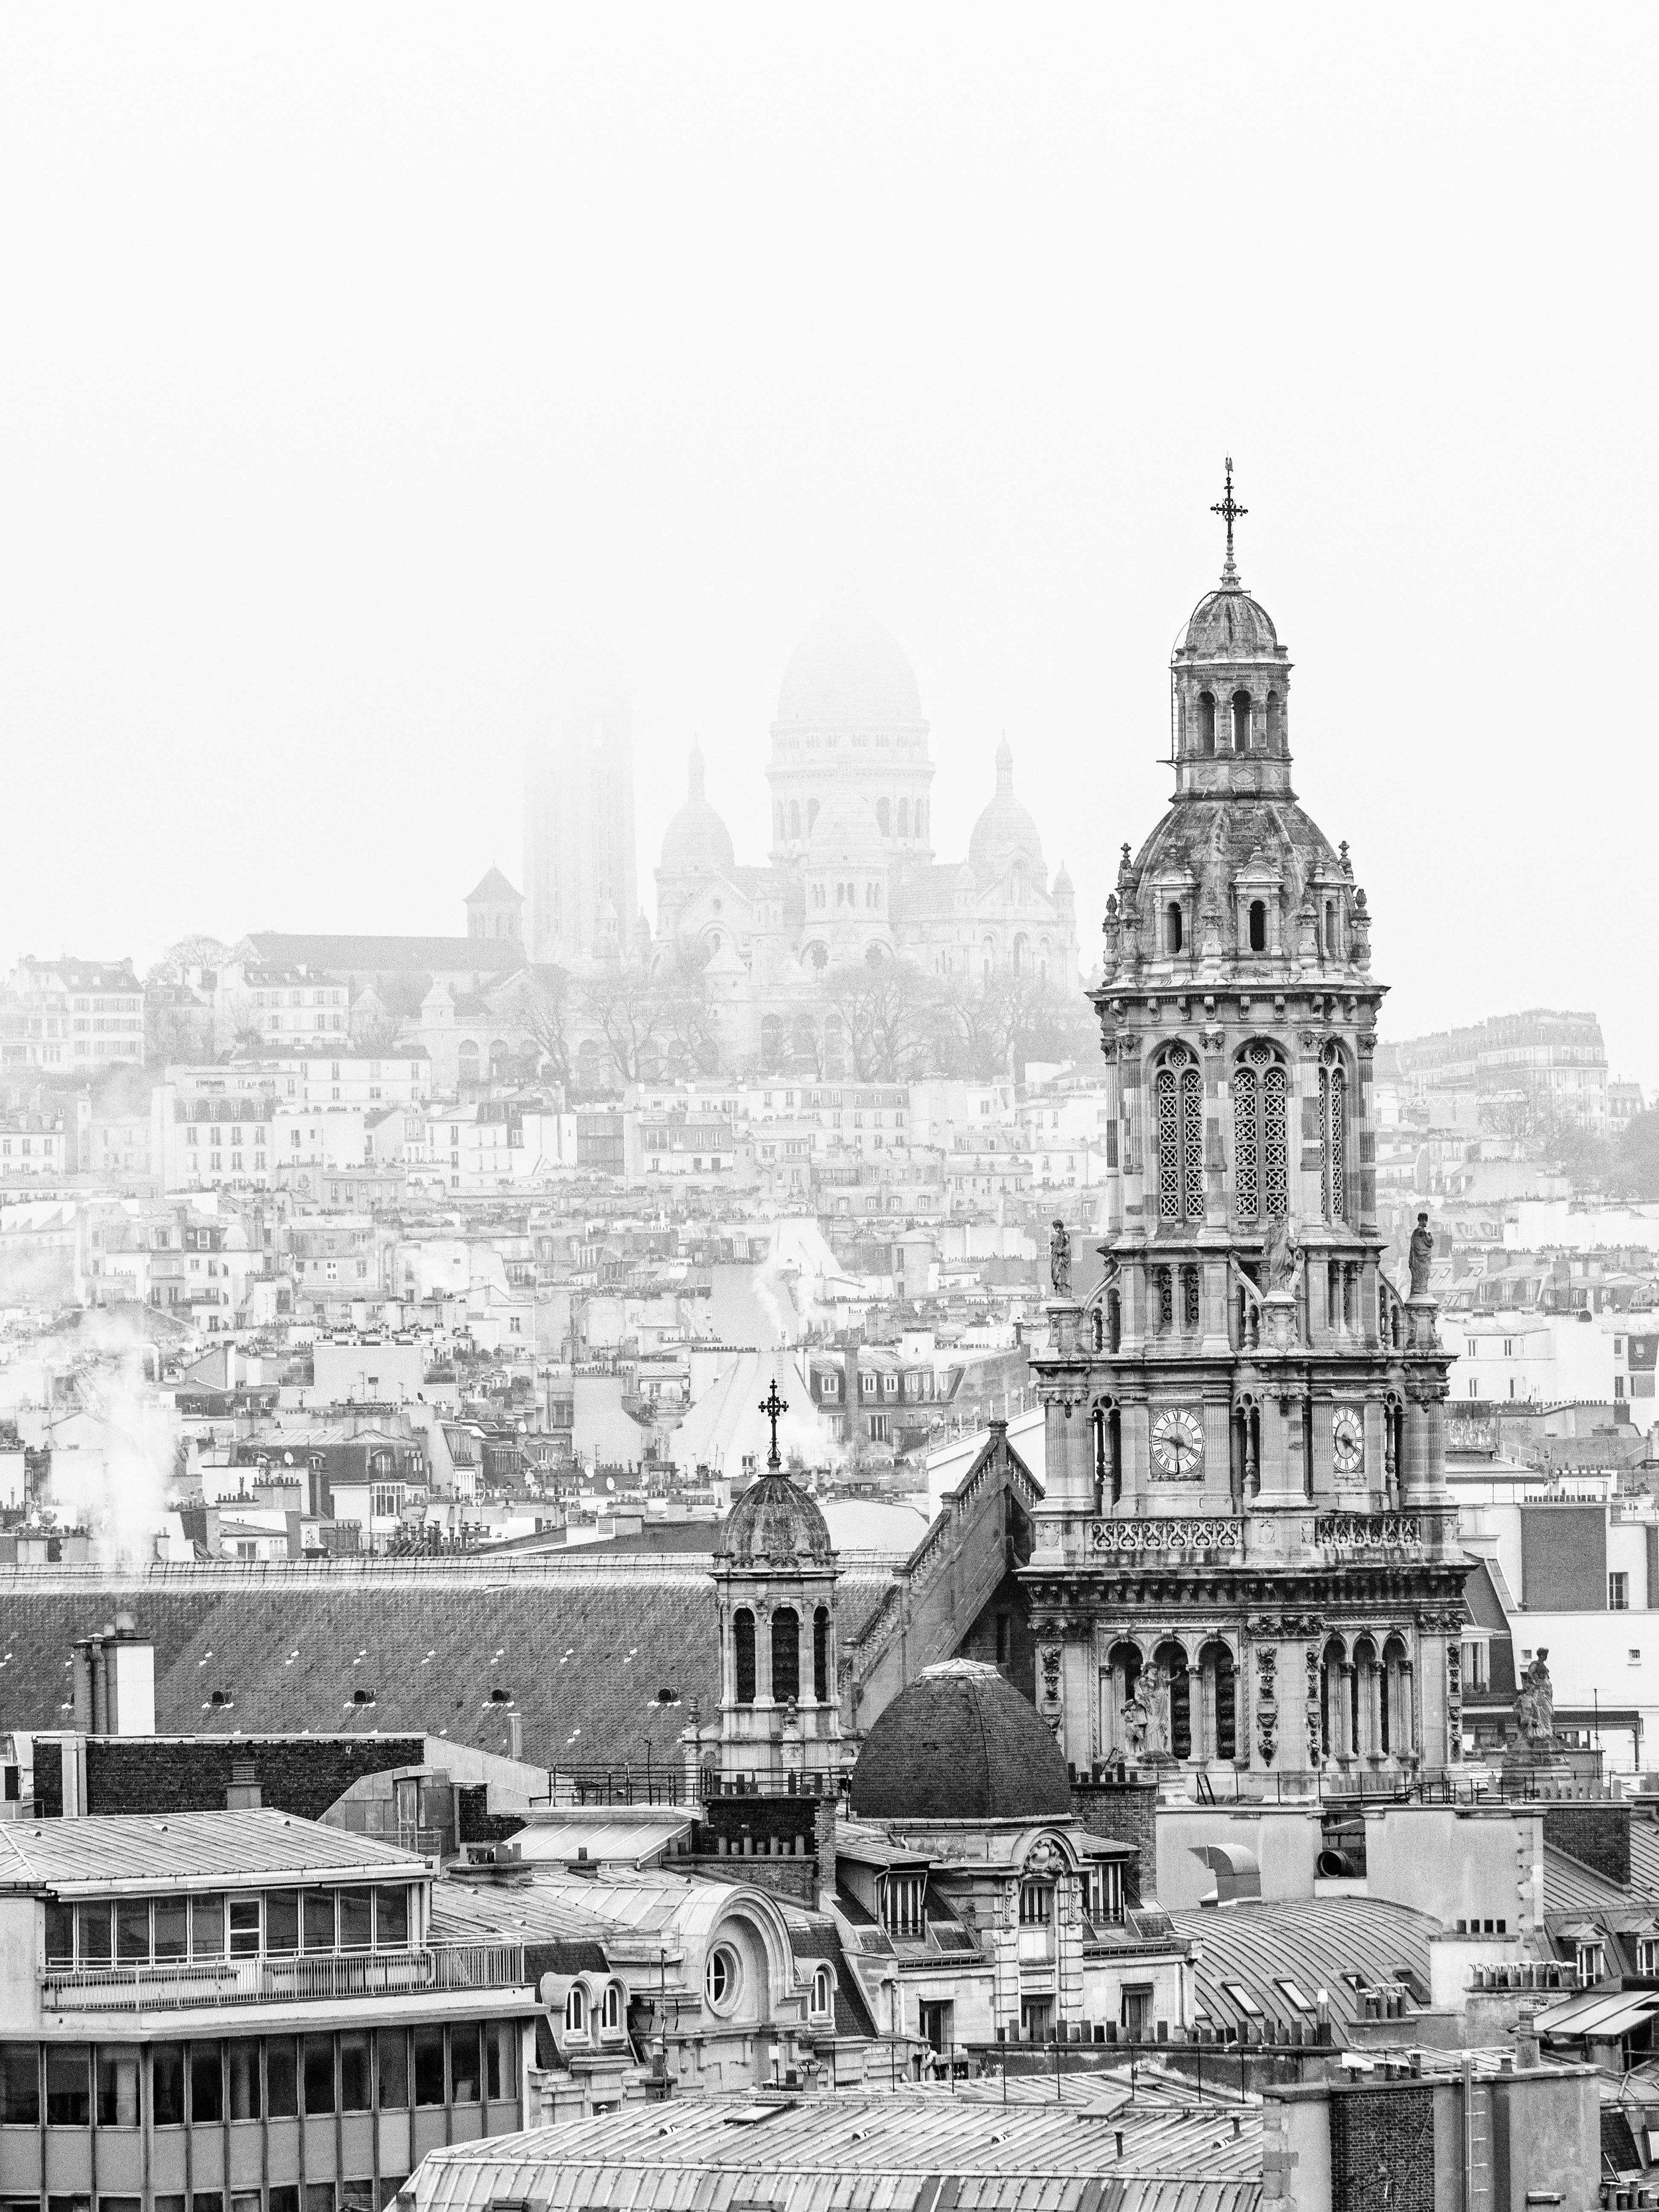 Basilica du Sacre-Coeur de Montmartre on a Foggy Sunday from Printemps' Rooftop